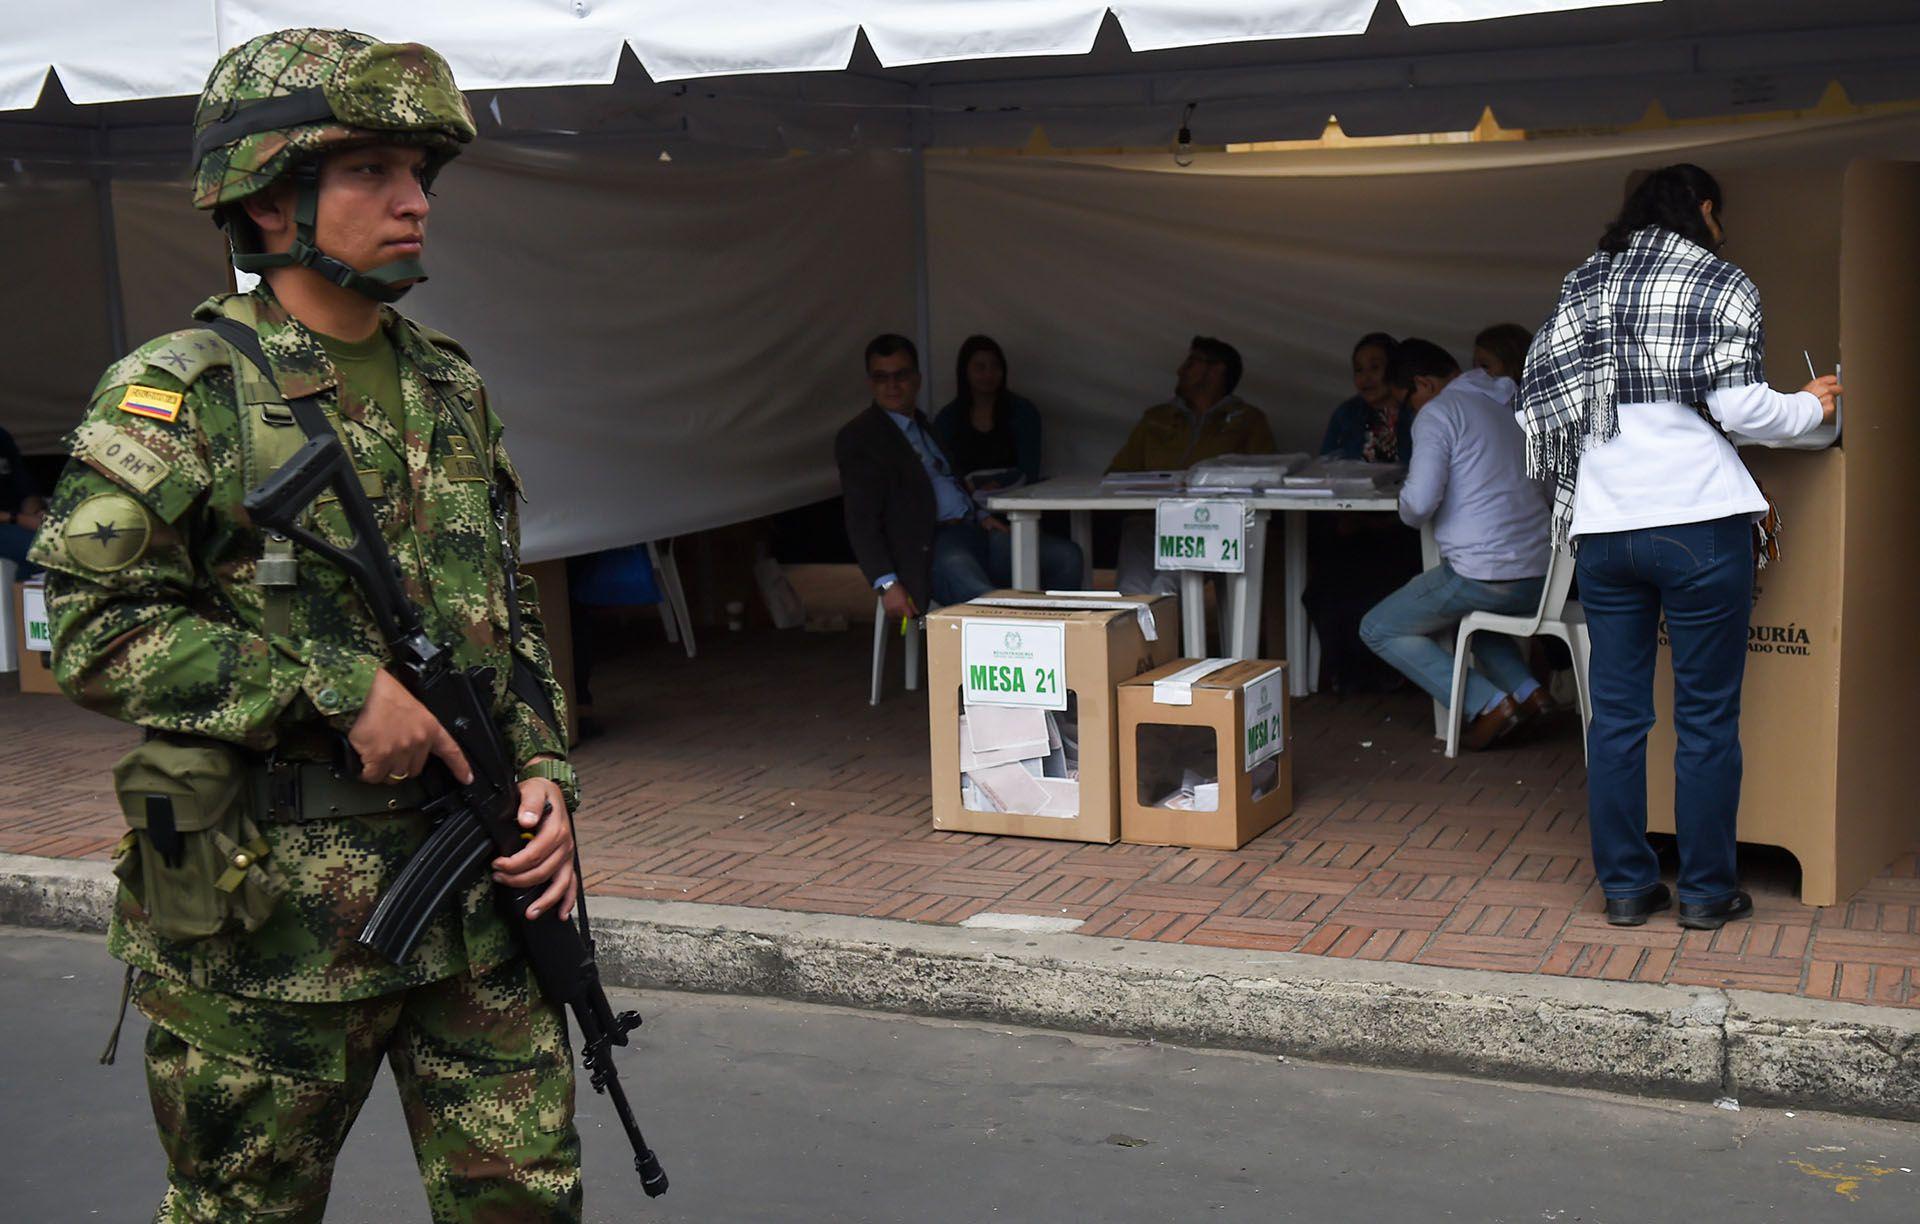 Un soldado hace guardia en un puesto de votación en Bogotá durante las elecciones parlamentarias en mayo pasado.